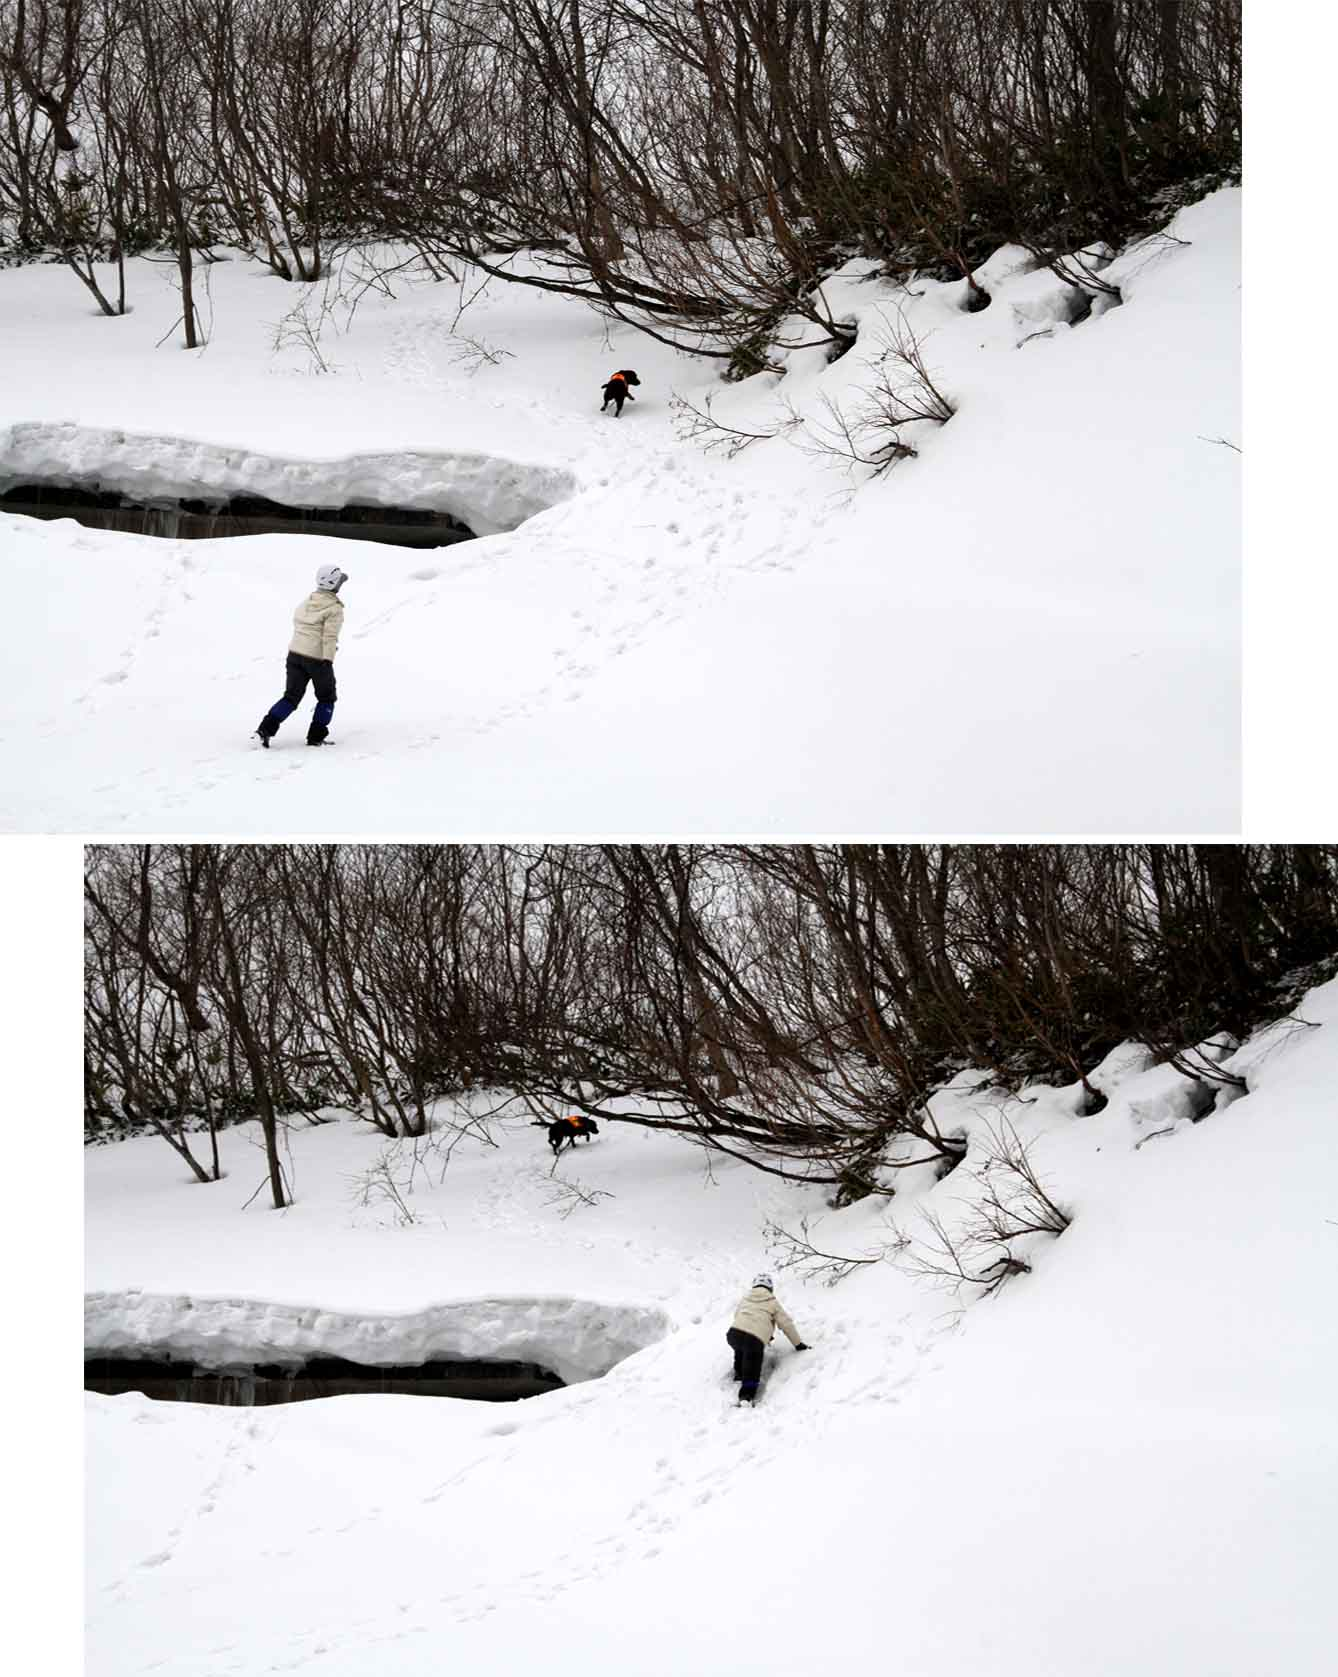 谷川岳雪中訓練 (39)